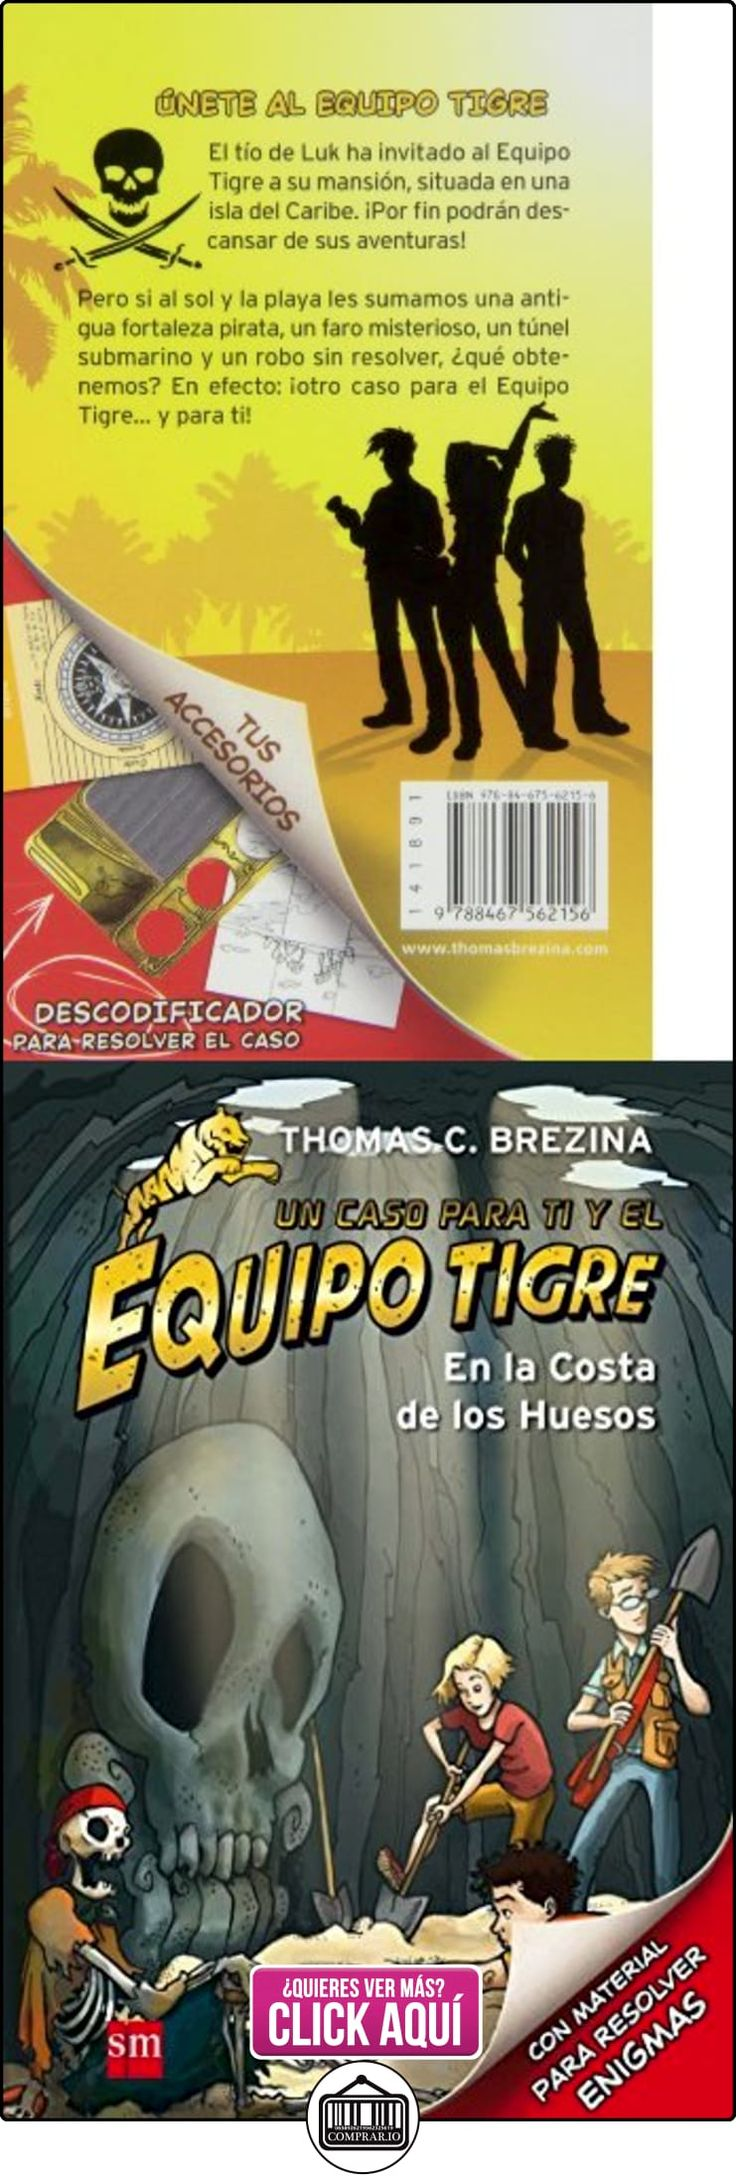 En La Costa De Los Huesos (Equipo tigre) Thomas Brezina ✿ Libros infantiles y juveniles - (De 6 a 9 años) ✿ ▬► Ver oferta: http://comprar.io/goto/8467562153